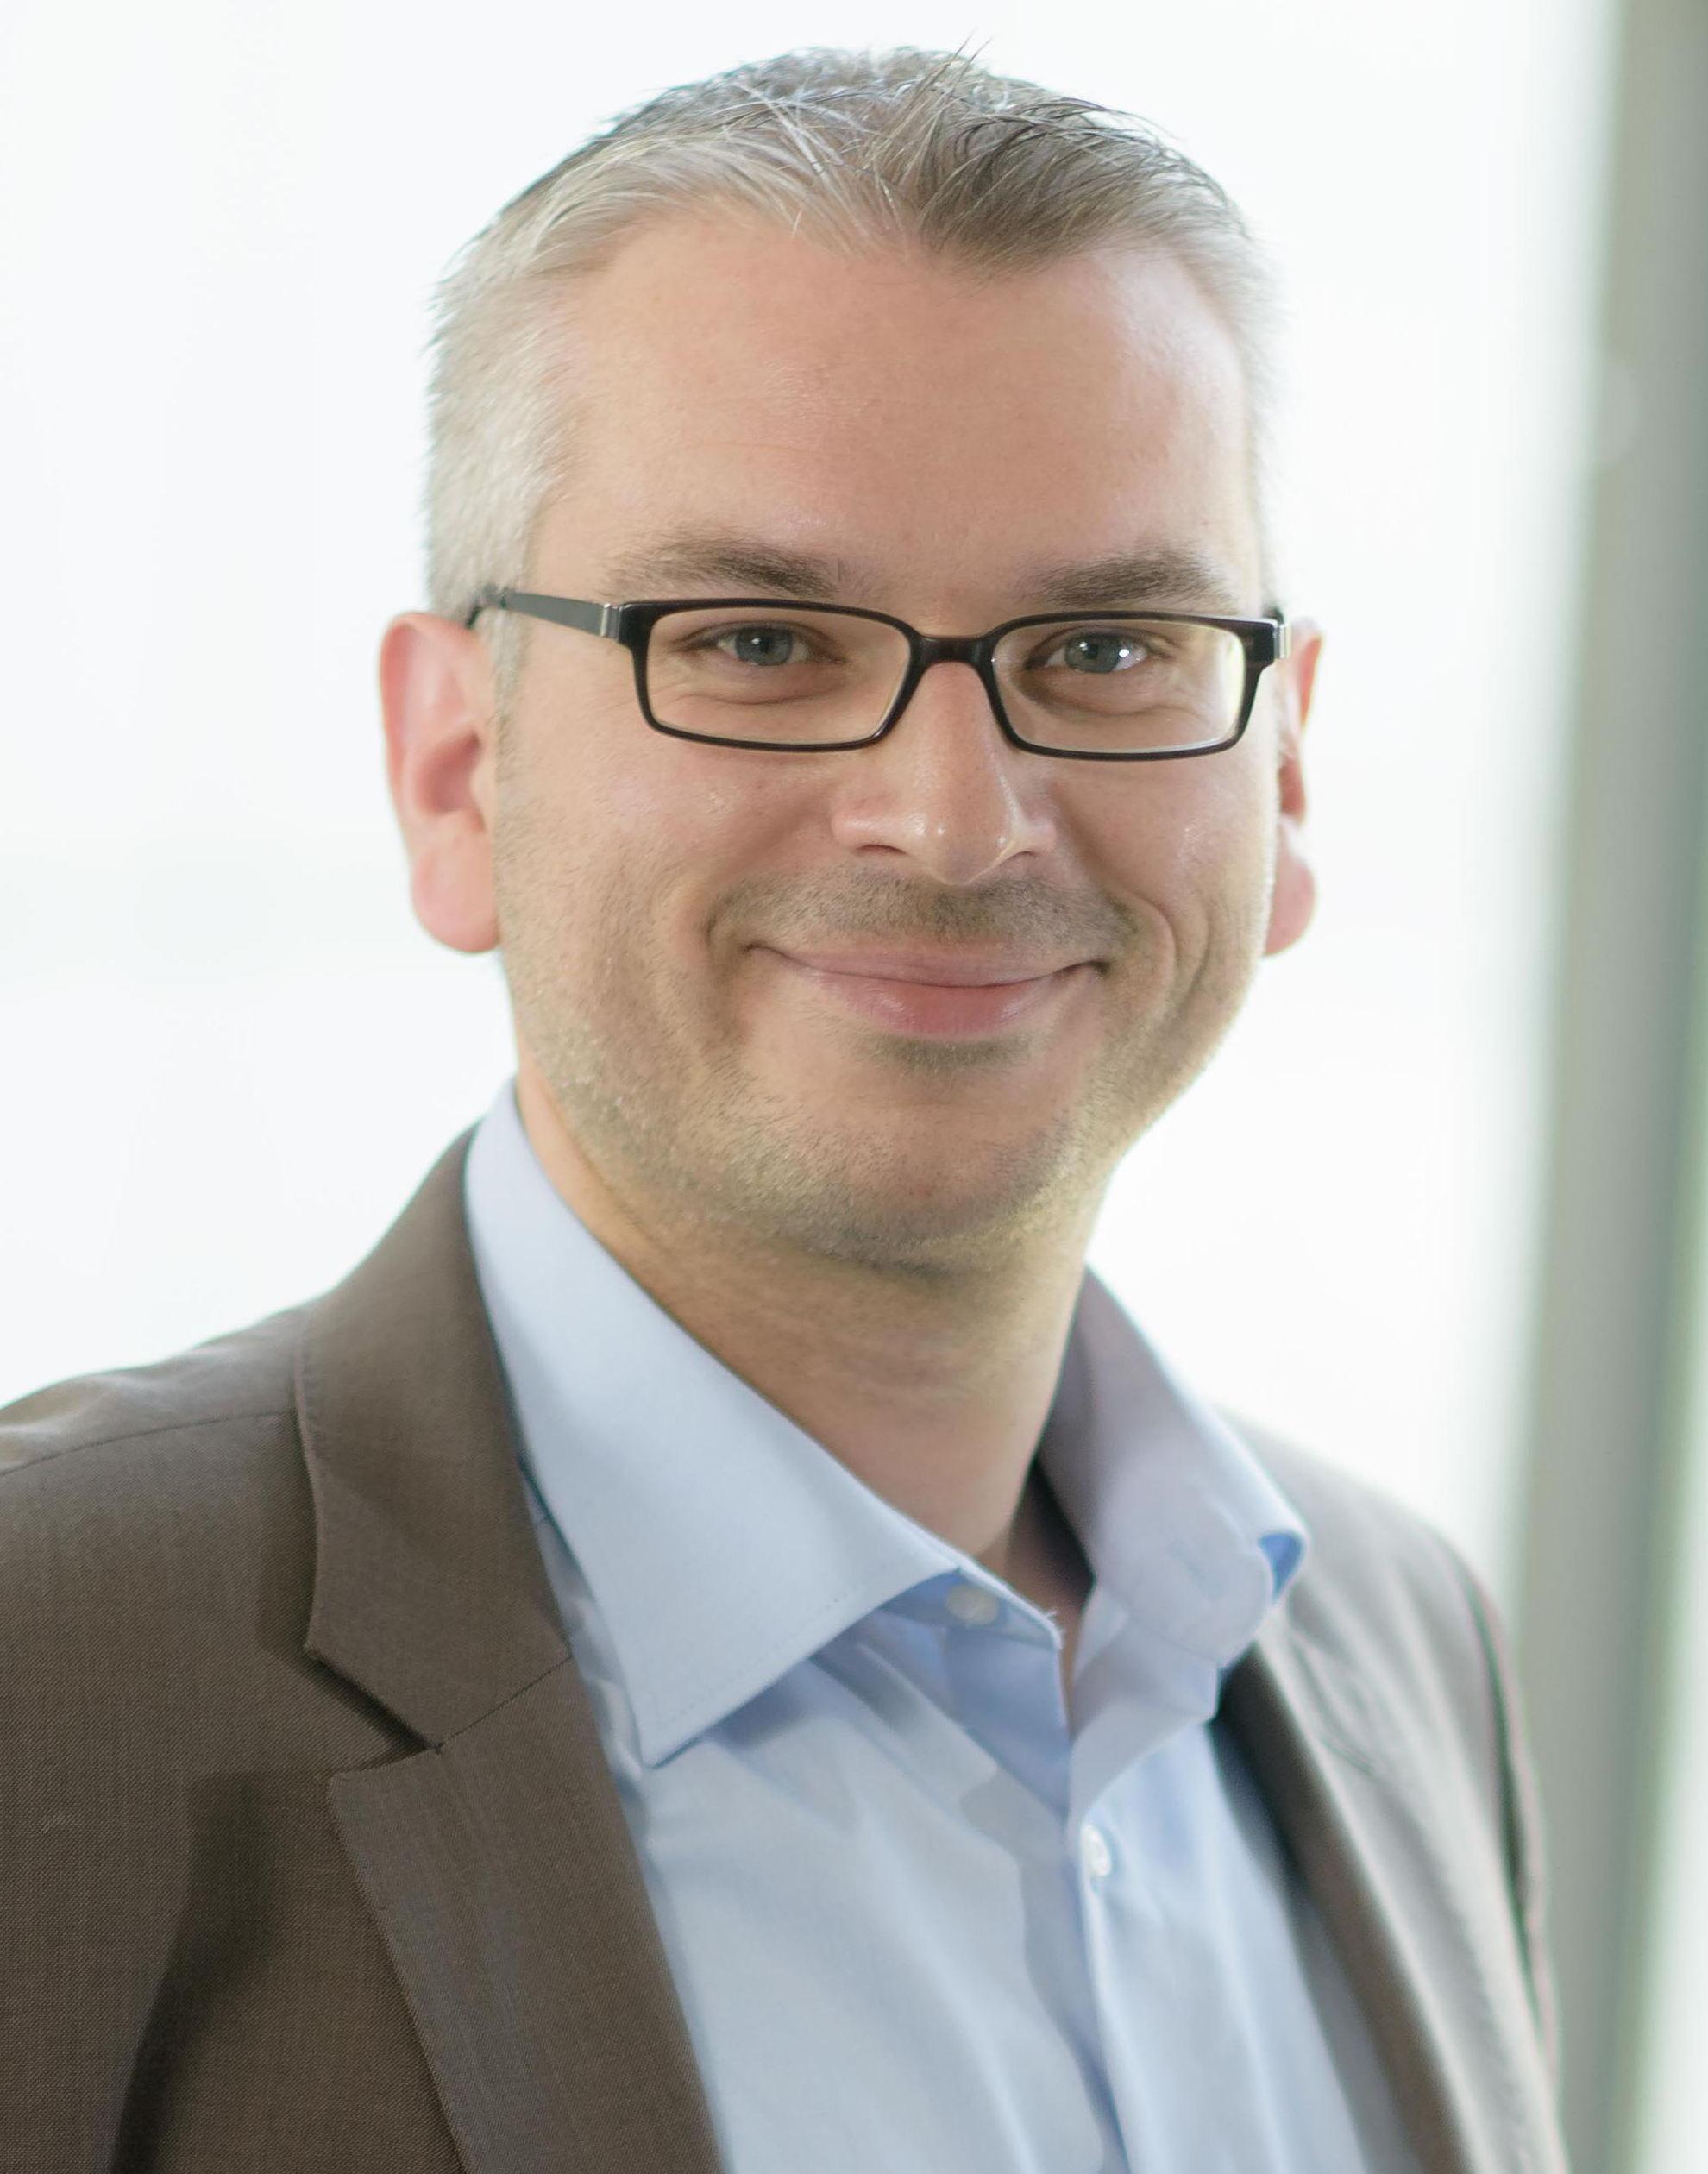 Simon Kresmann